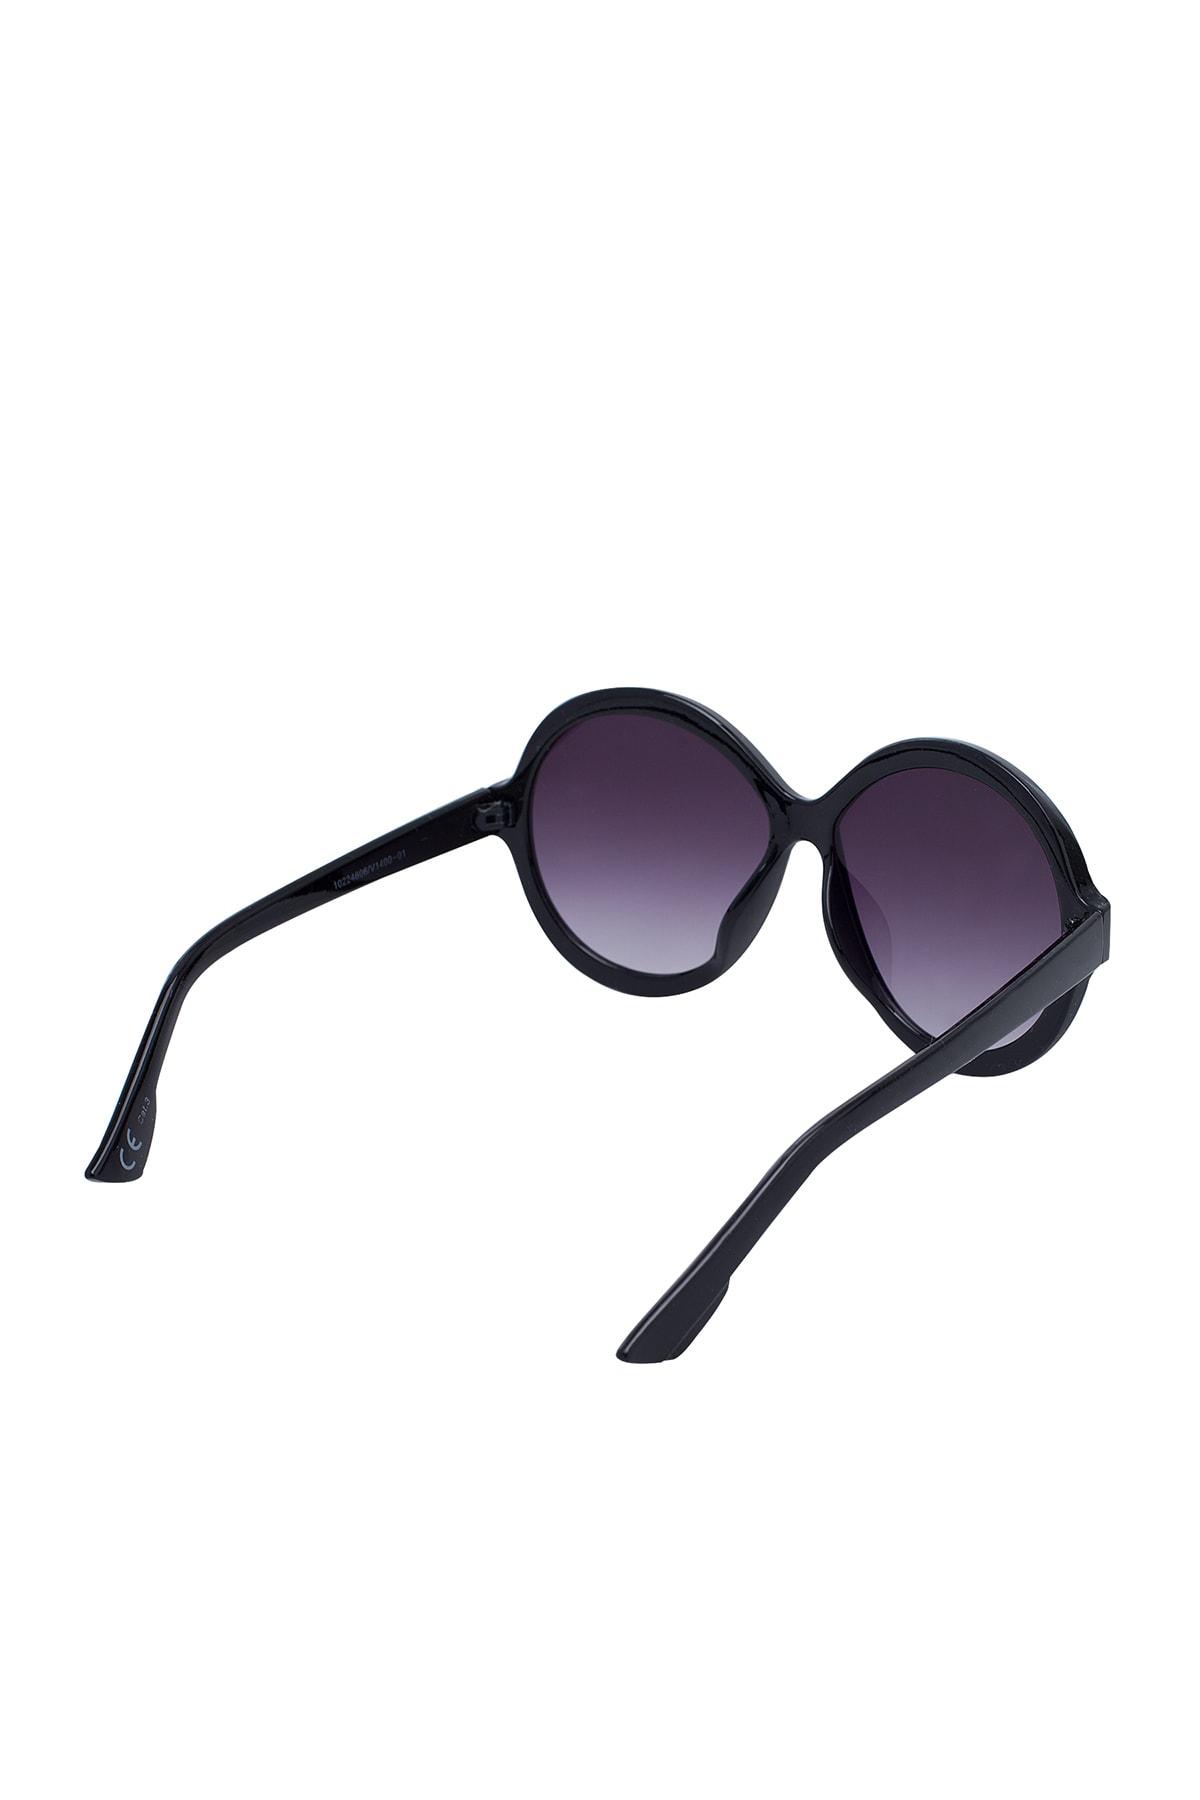 Vero Moda Accessories Vmsofia Gözlük Kadın Gözlük 10224606 2